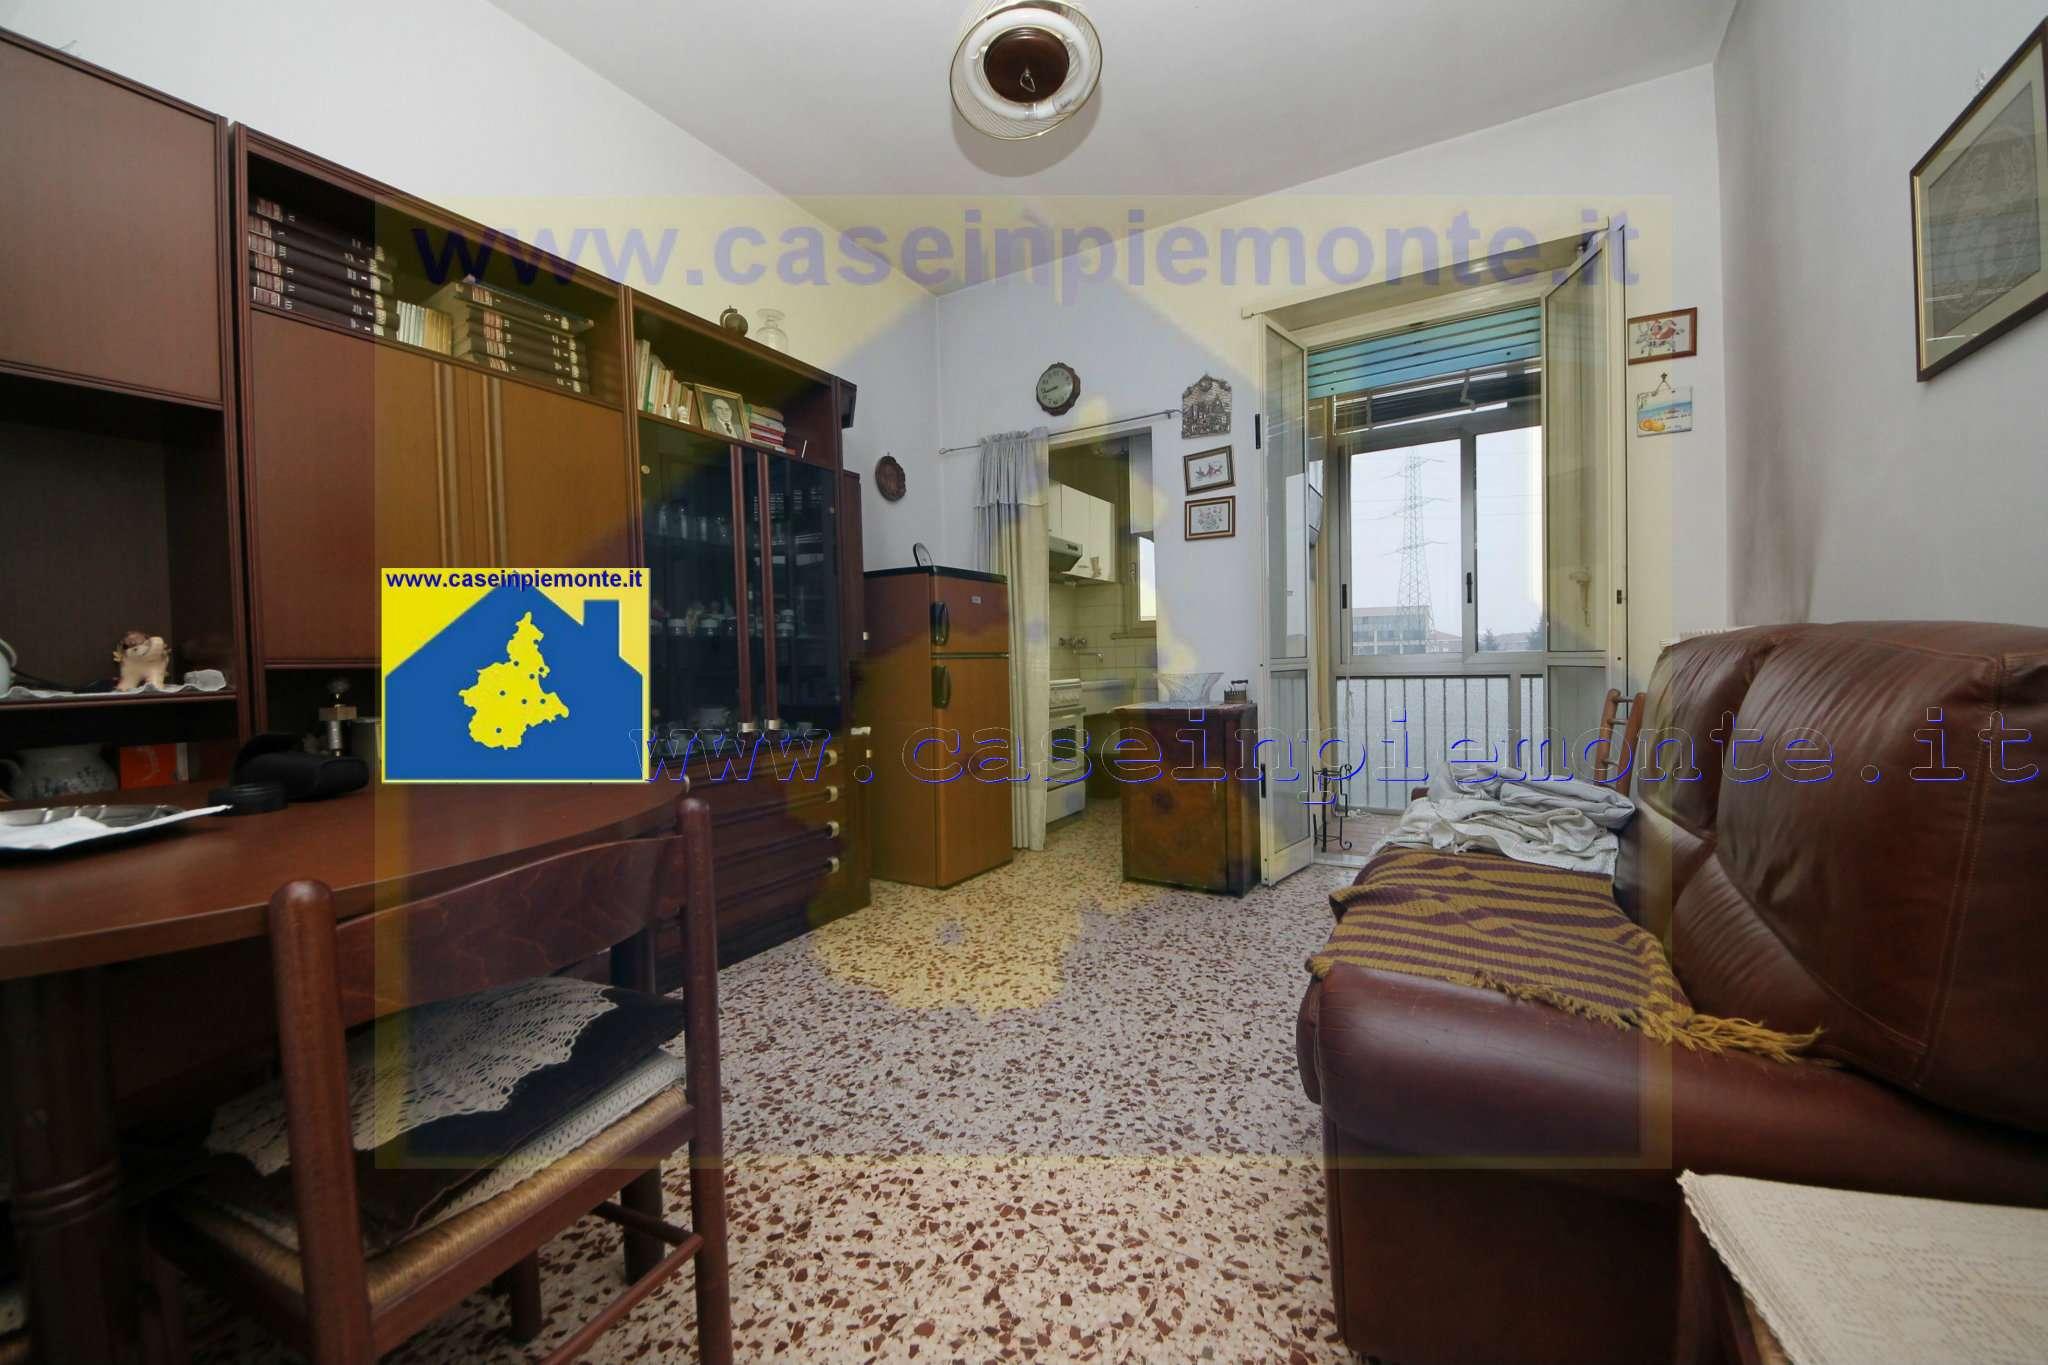 Appartamento in vendita a Rivoli, 2 locali, prezzo € 69.000 | CambioCasa.it